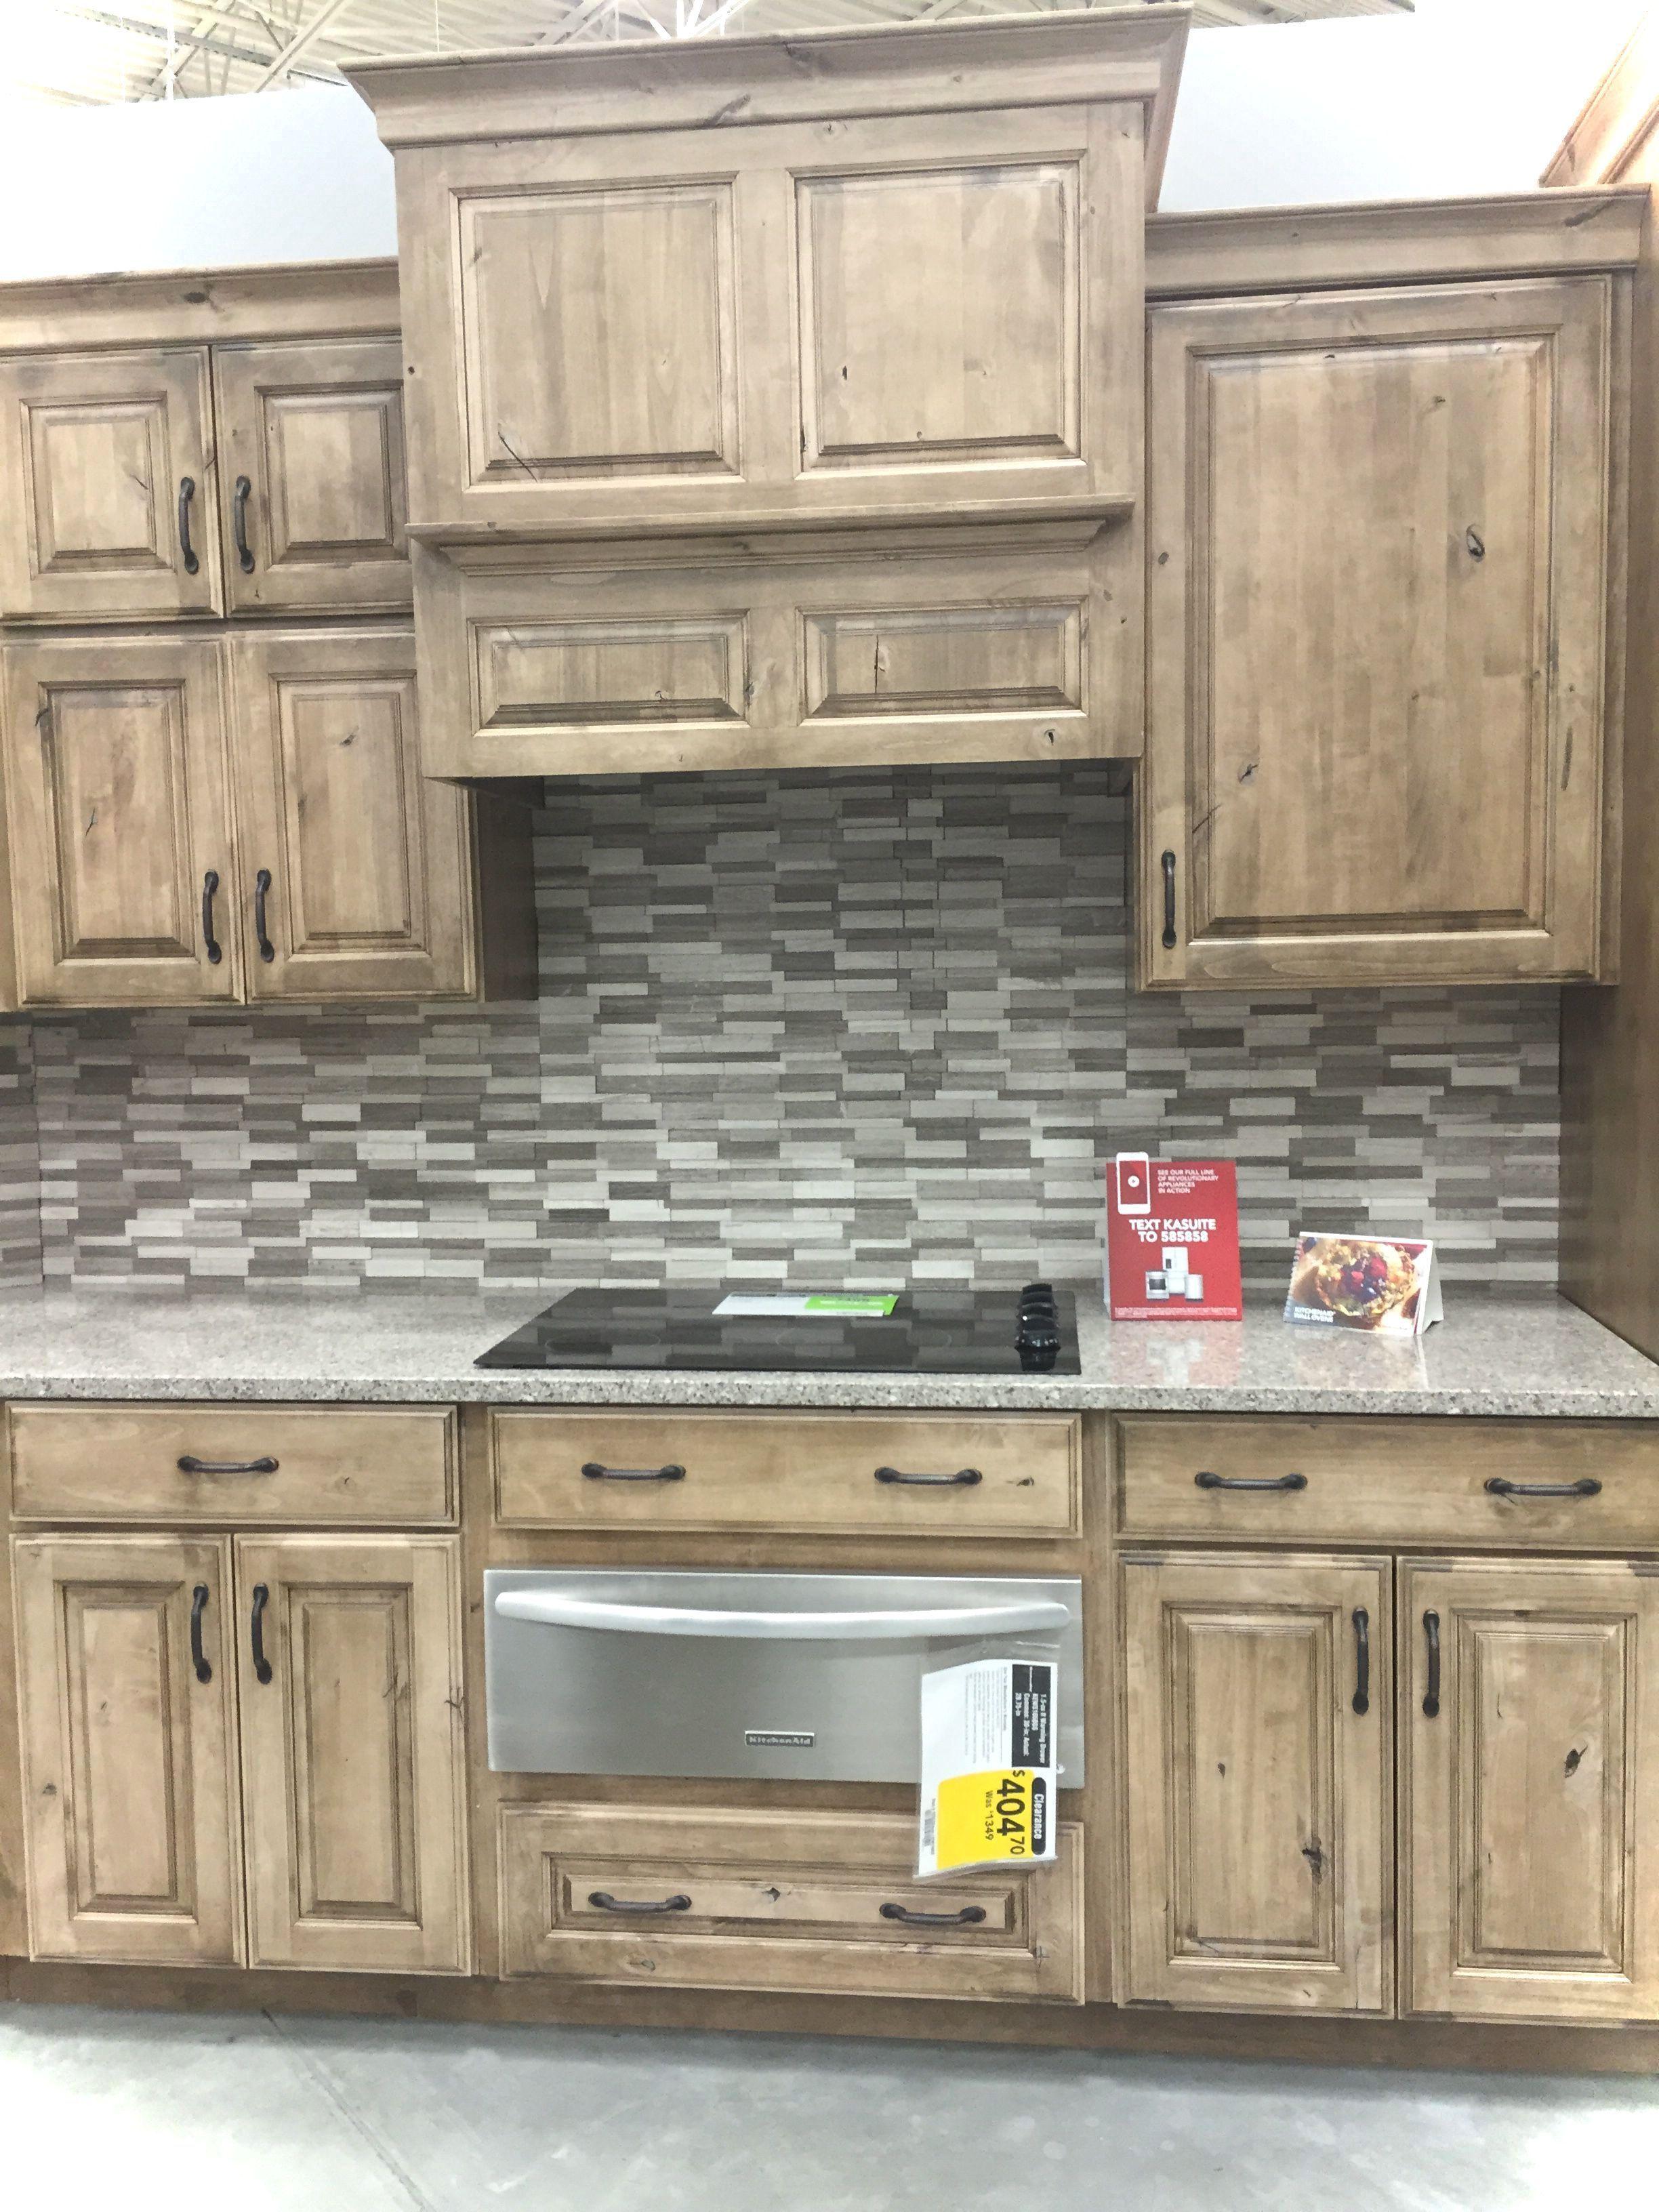 Stunning Rustic Kitchen Design Rustickitchendesign Rustickitchen Kitchendesign Pine Kitchen Cabinets Custom Kitchen Cabinets Rustic Kitchen Cabinets